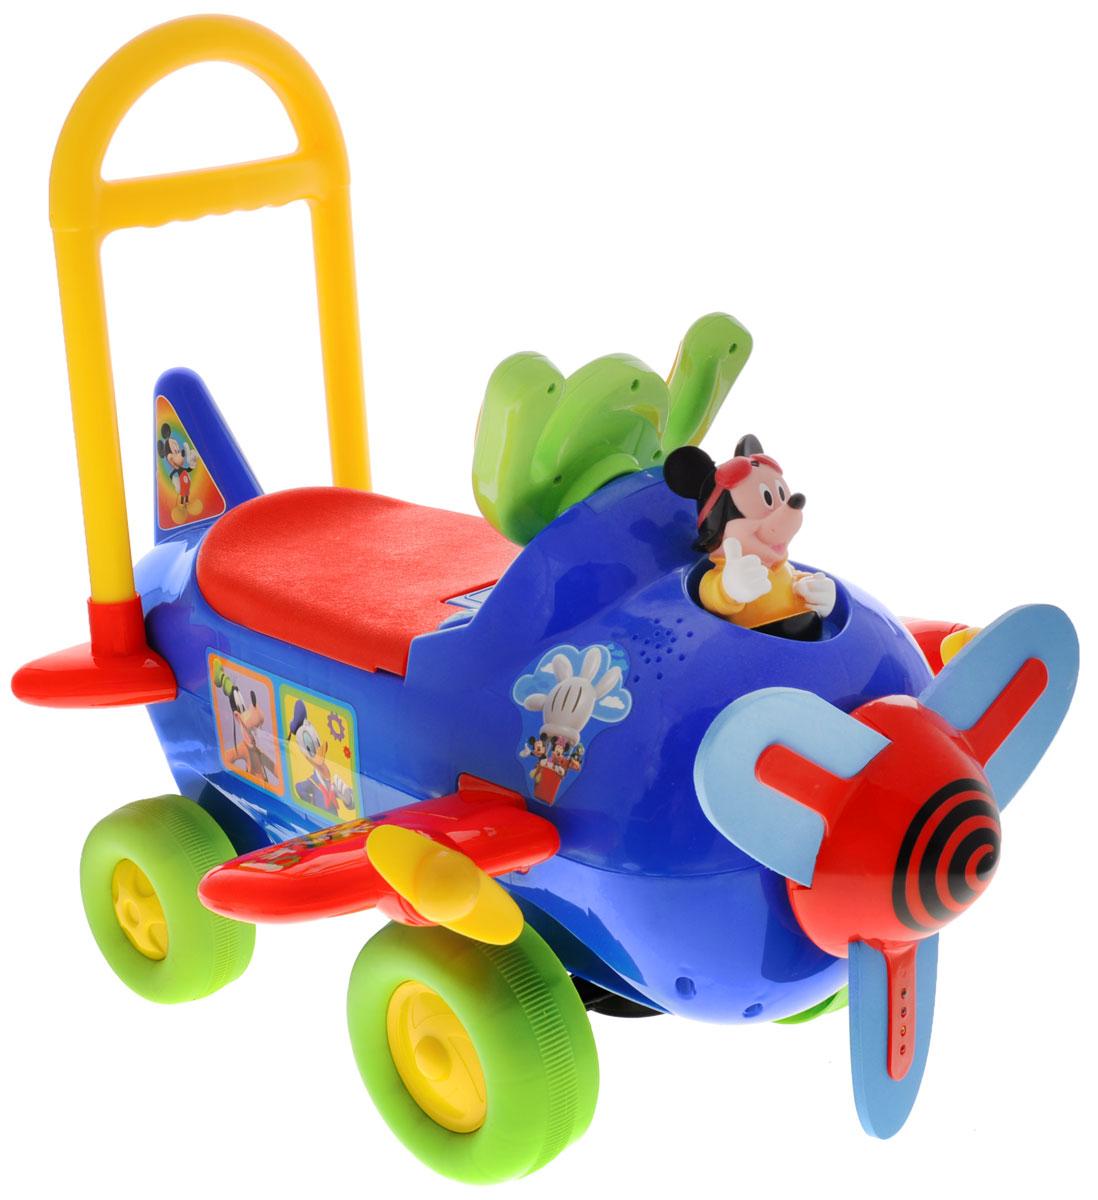 Kiddieland Каталка Самолет Микки Маус цвет синийKID 042614_синийКаталка Kiddieland Самолет Микки Маус станет замечательным транспортным средством для ребенка от 1 года. Игрушка выполнена в виде самолета и дополнена фигуркой Микки Мауса. Изготовлена каталка из прочного яркого материала. На капоте - пропеллер, который умеет быстро крутиться. Он изготовлен из мягкого полимерного материала. Руль этой каталки выполнен в форме штурвала самолета. По бокам имеются крылья с маленькими пропеллерами (крылья можно поднять в вертикальное положение, чтобы не мешались), а сзади - небольшой хвост. На штурвале находятся две кнопки - при нажатии на них играет музыка, крутится пропеллер, при этом на нем загораются лампочки. Если нажать на кнопку с изображением ключа, то пропеллер будет крутиться беззвучно. Для того чтобы покататься, ребенку достаточно просто сесть на сиденье и, отталкиваясь ногами, катиться вперед. Помимо игровых функций игрушка развивает мышцы ног, вестибулярный аппарат, координацию движений. Ваш ребенок будет в восторге от...